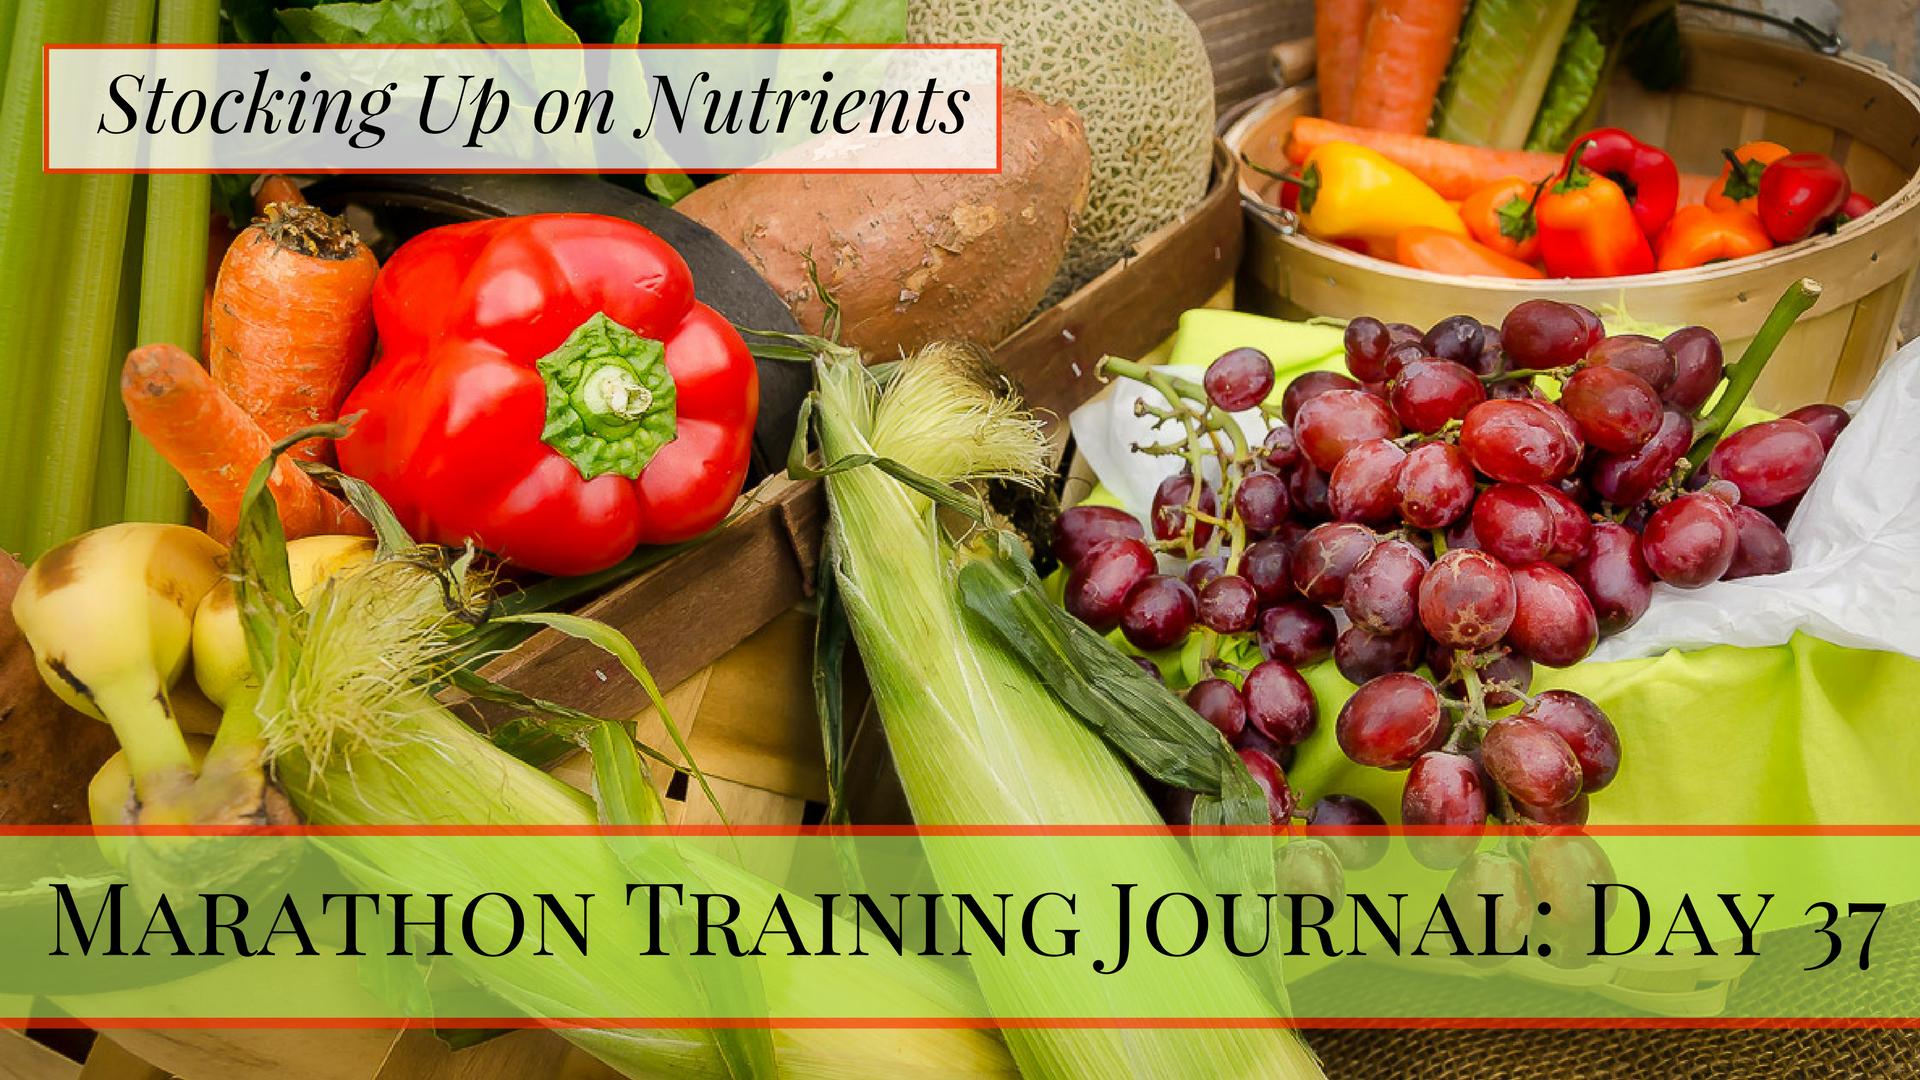 Marathon Training Journal- Day 37